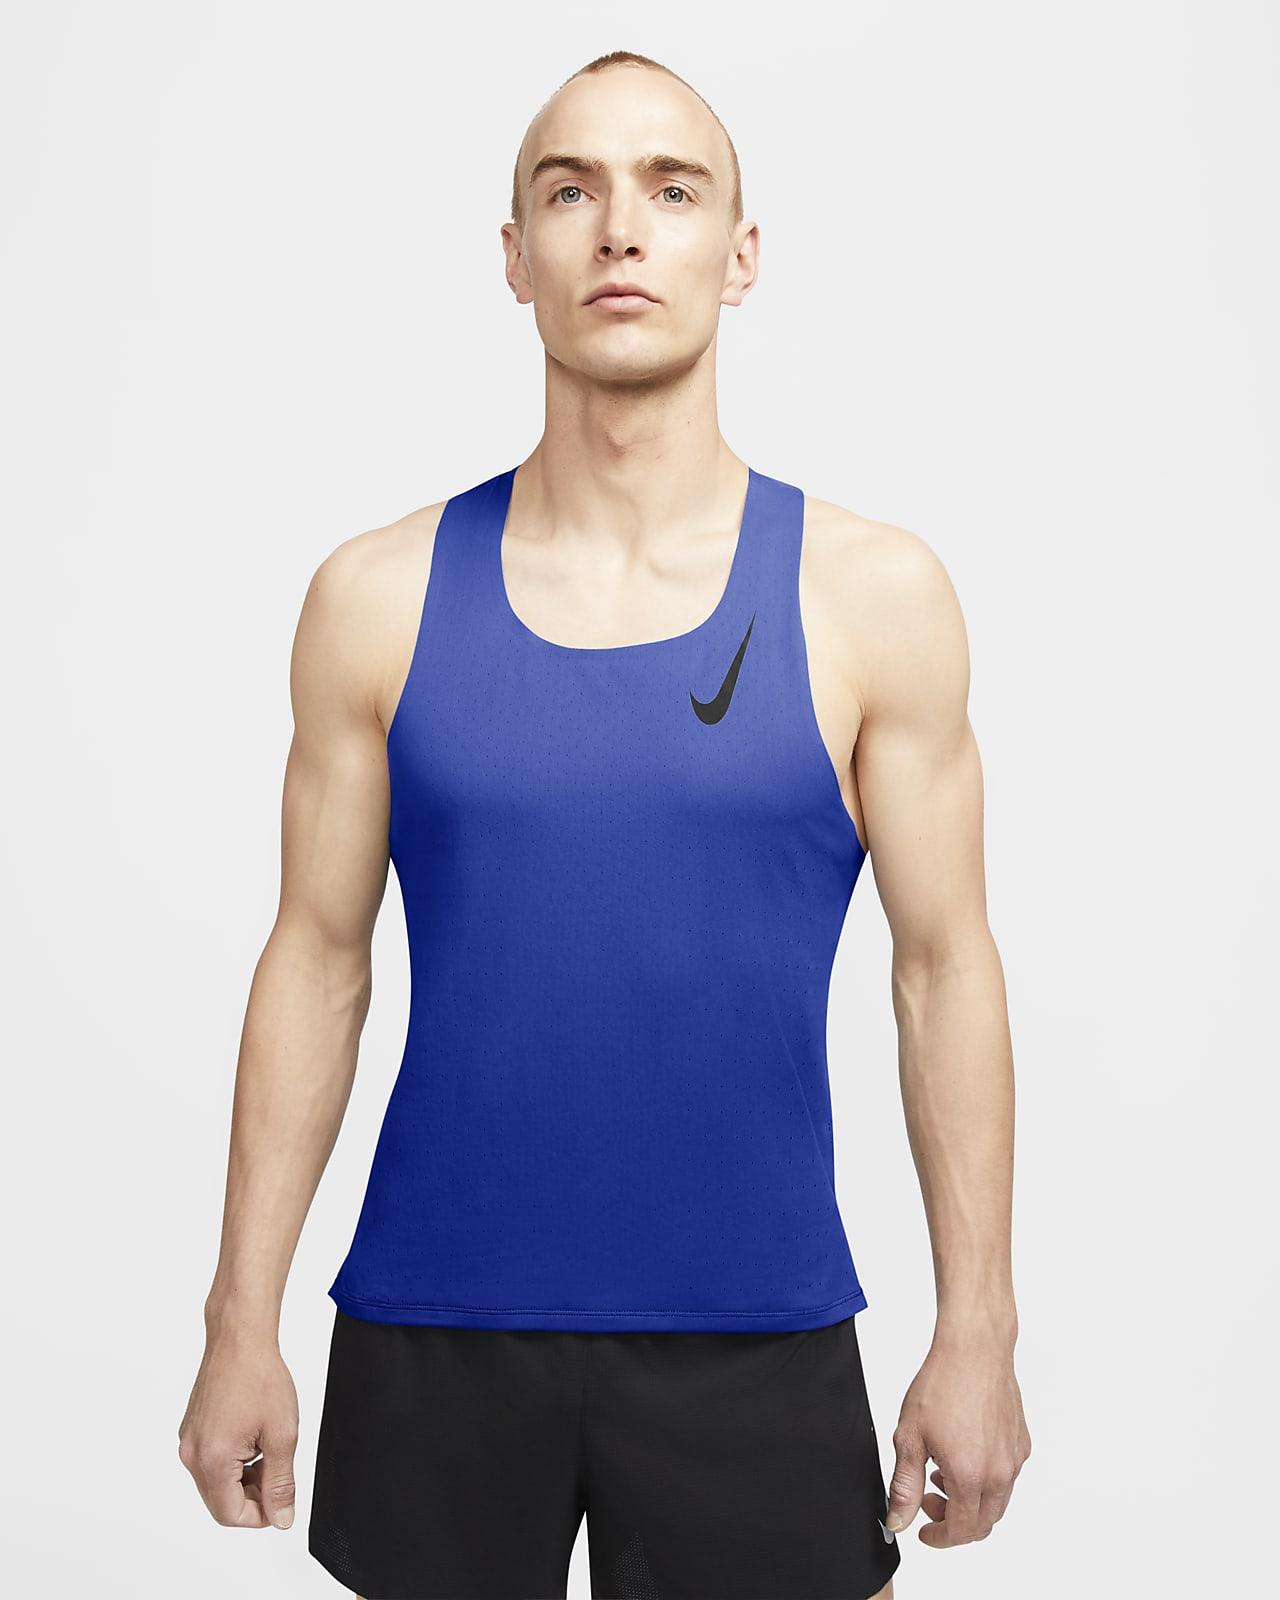 De nada Abuelo Relación  Camiseta sin mangas de running para hombre Nike AeroSwift. Nike.com